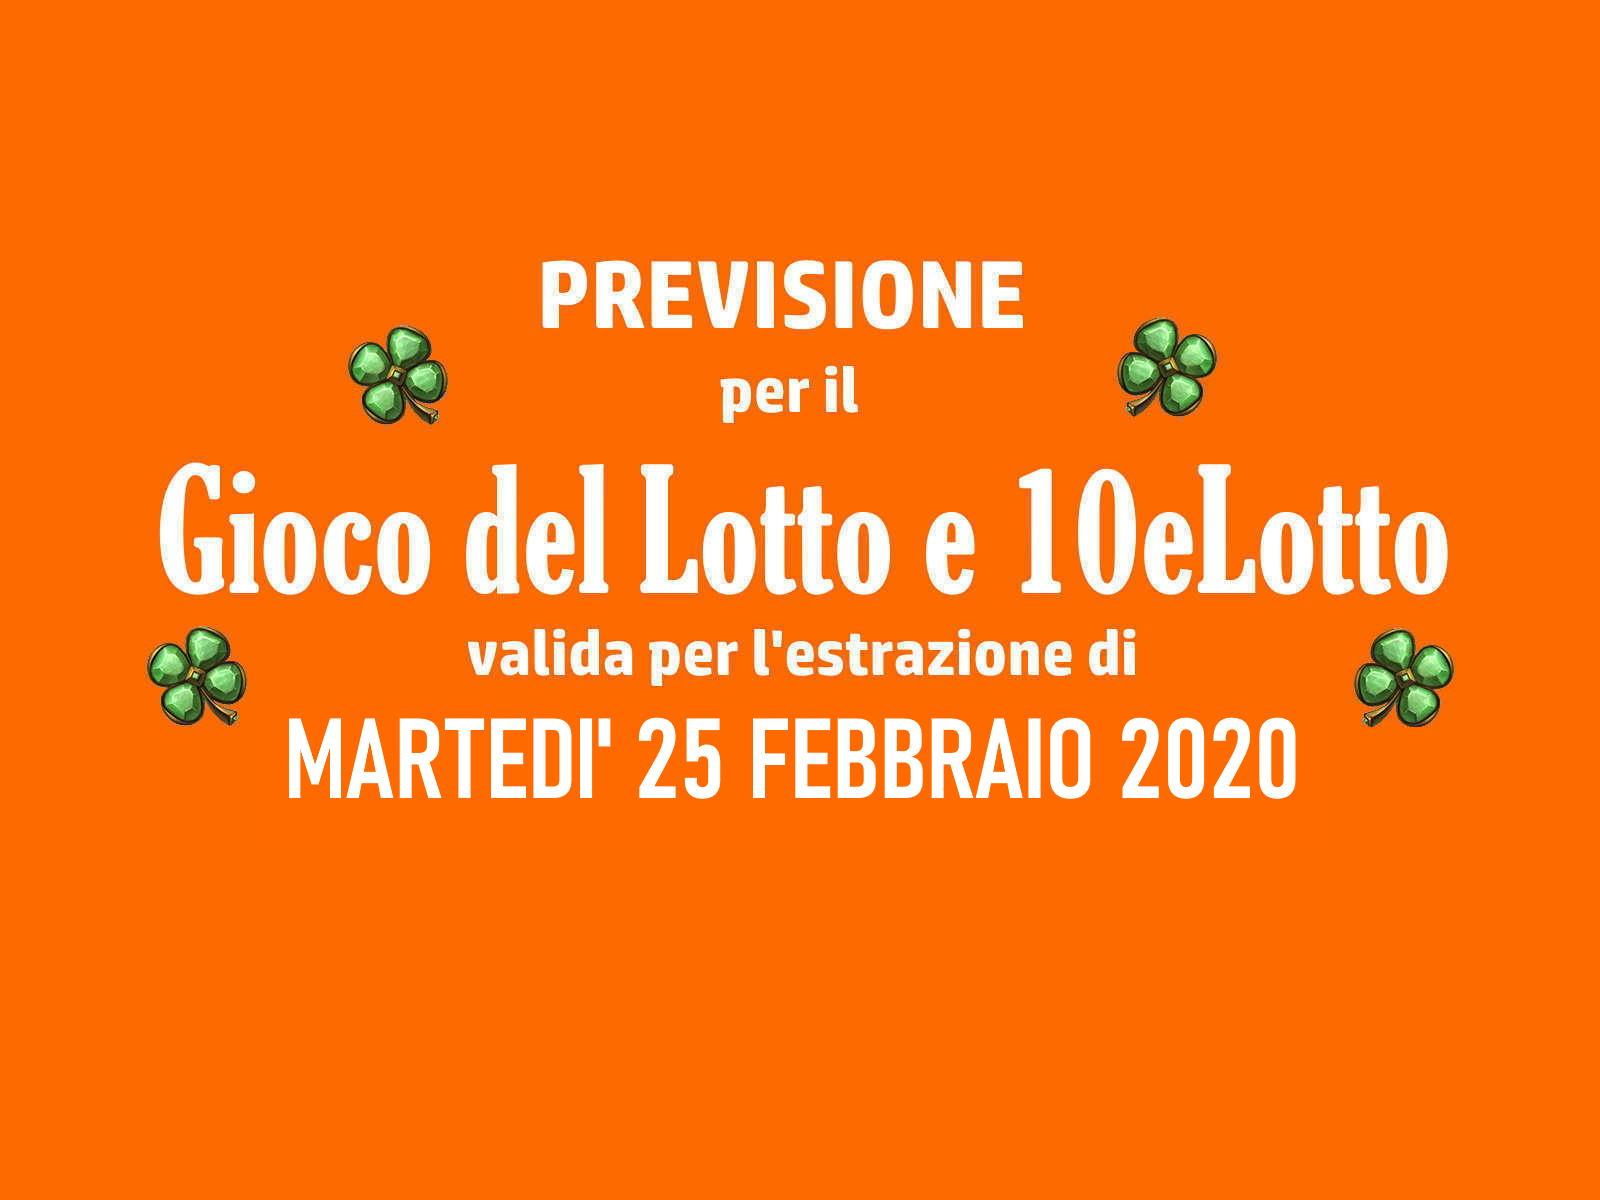 Previsione Lotto 25 Febbraio 2020